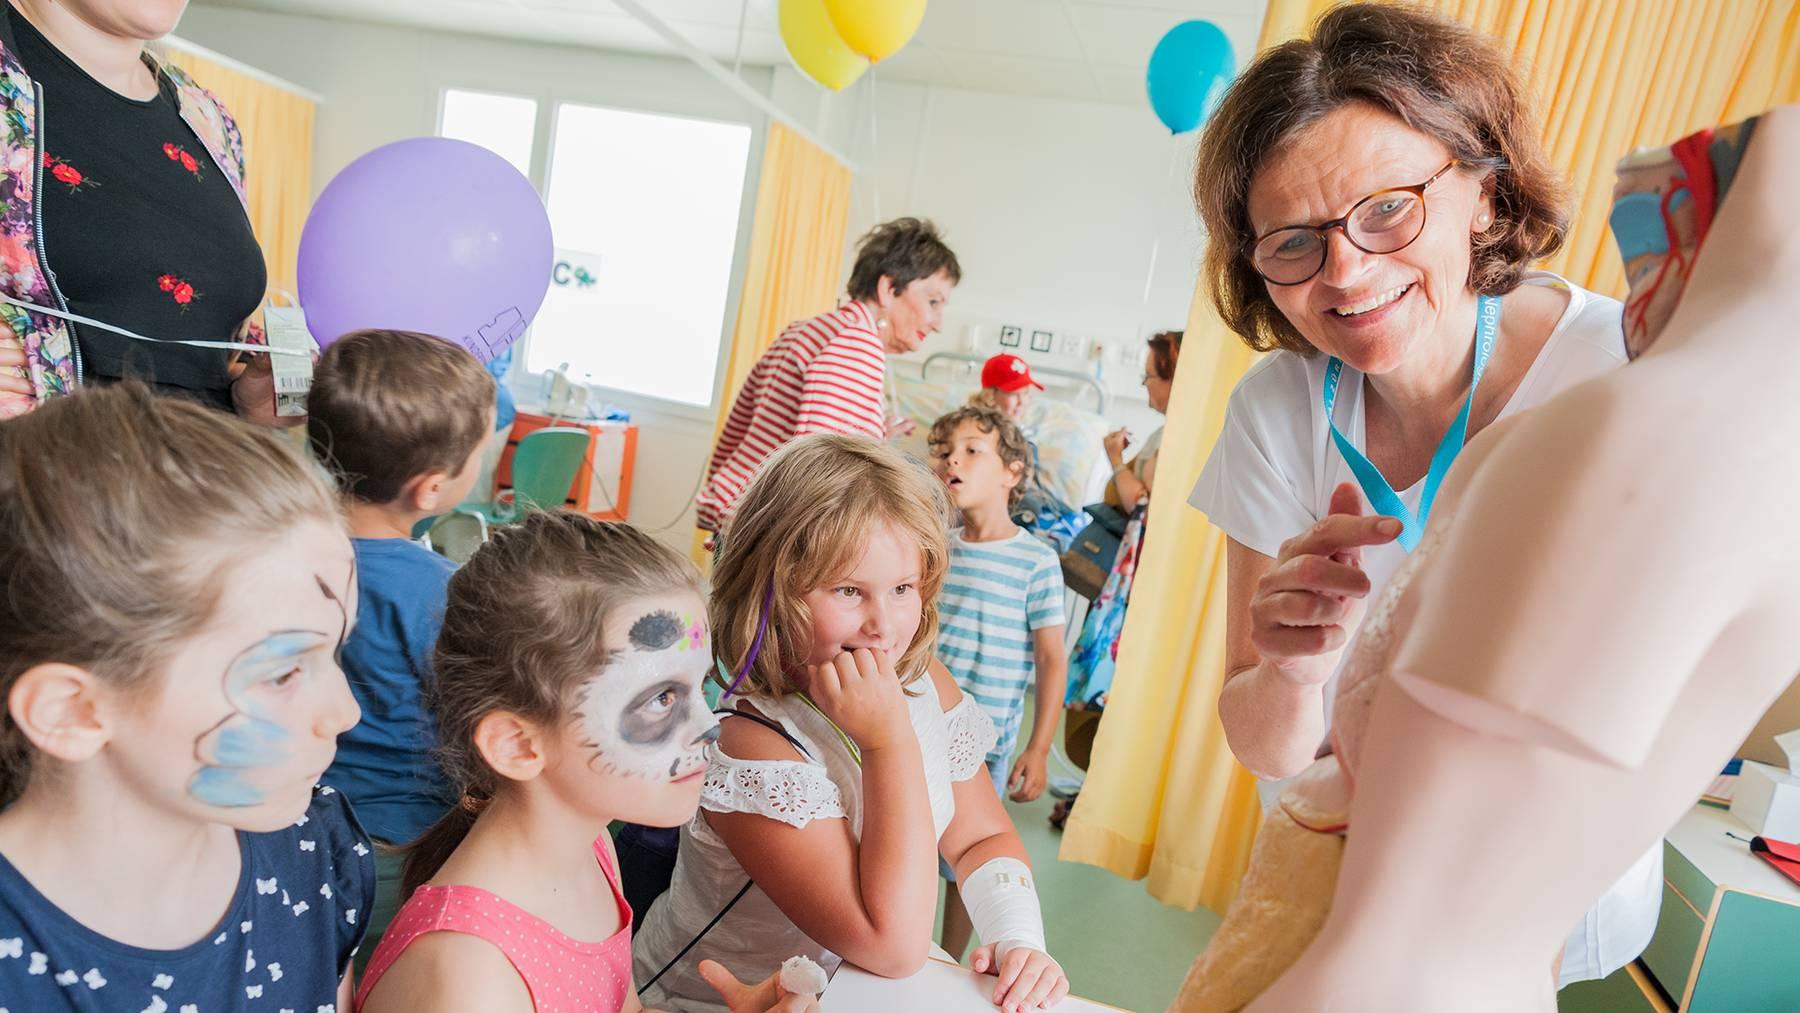 Fotoarchiv Kinderspital-KISPI-FOTO-FOTO_ALLGEMEIN-20180623----1.3.6.1.4.1.24930.8.189.942880-04